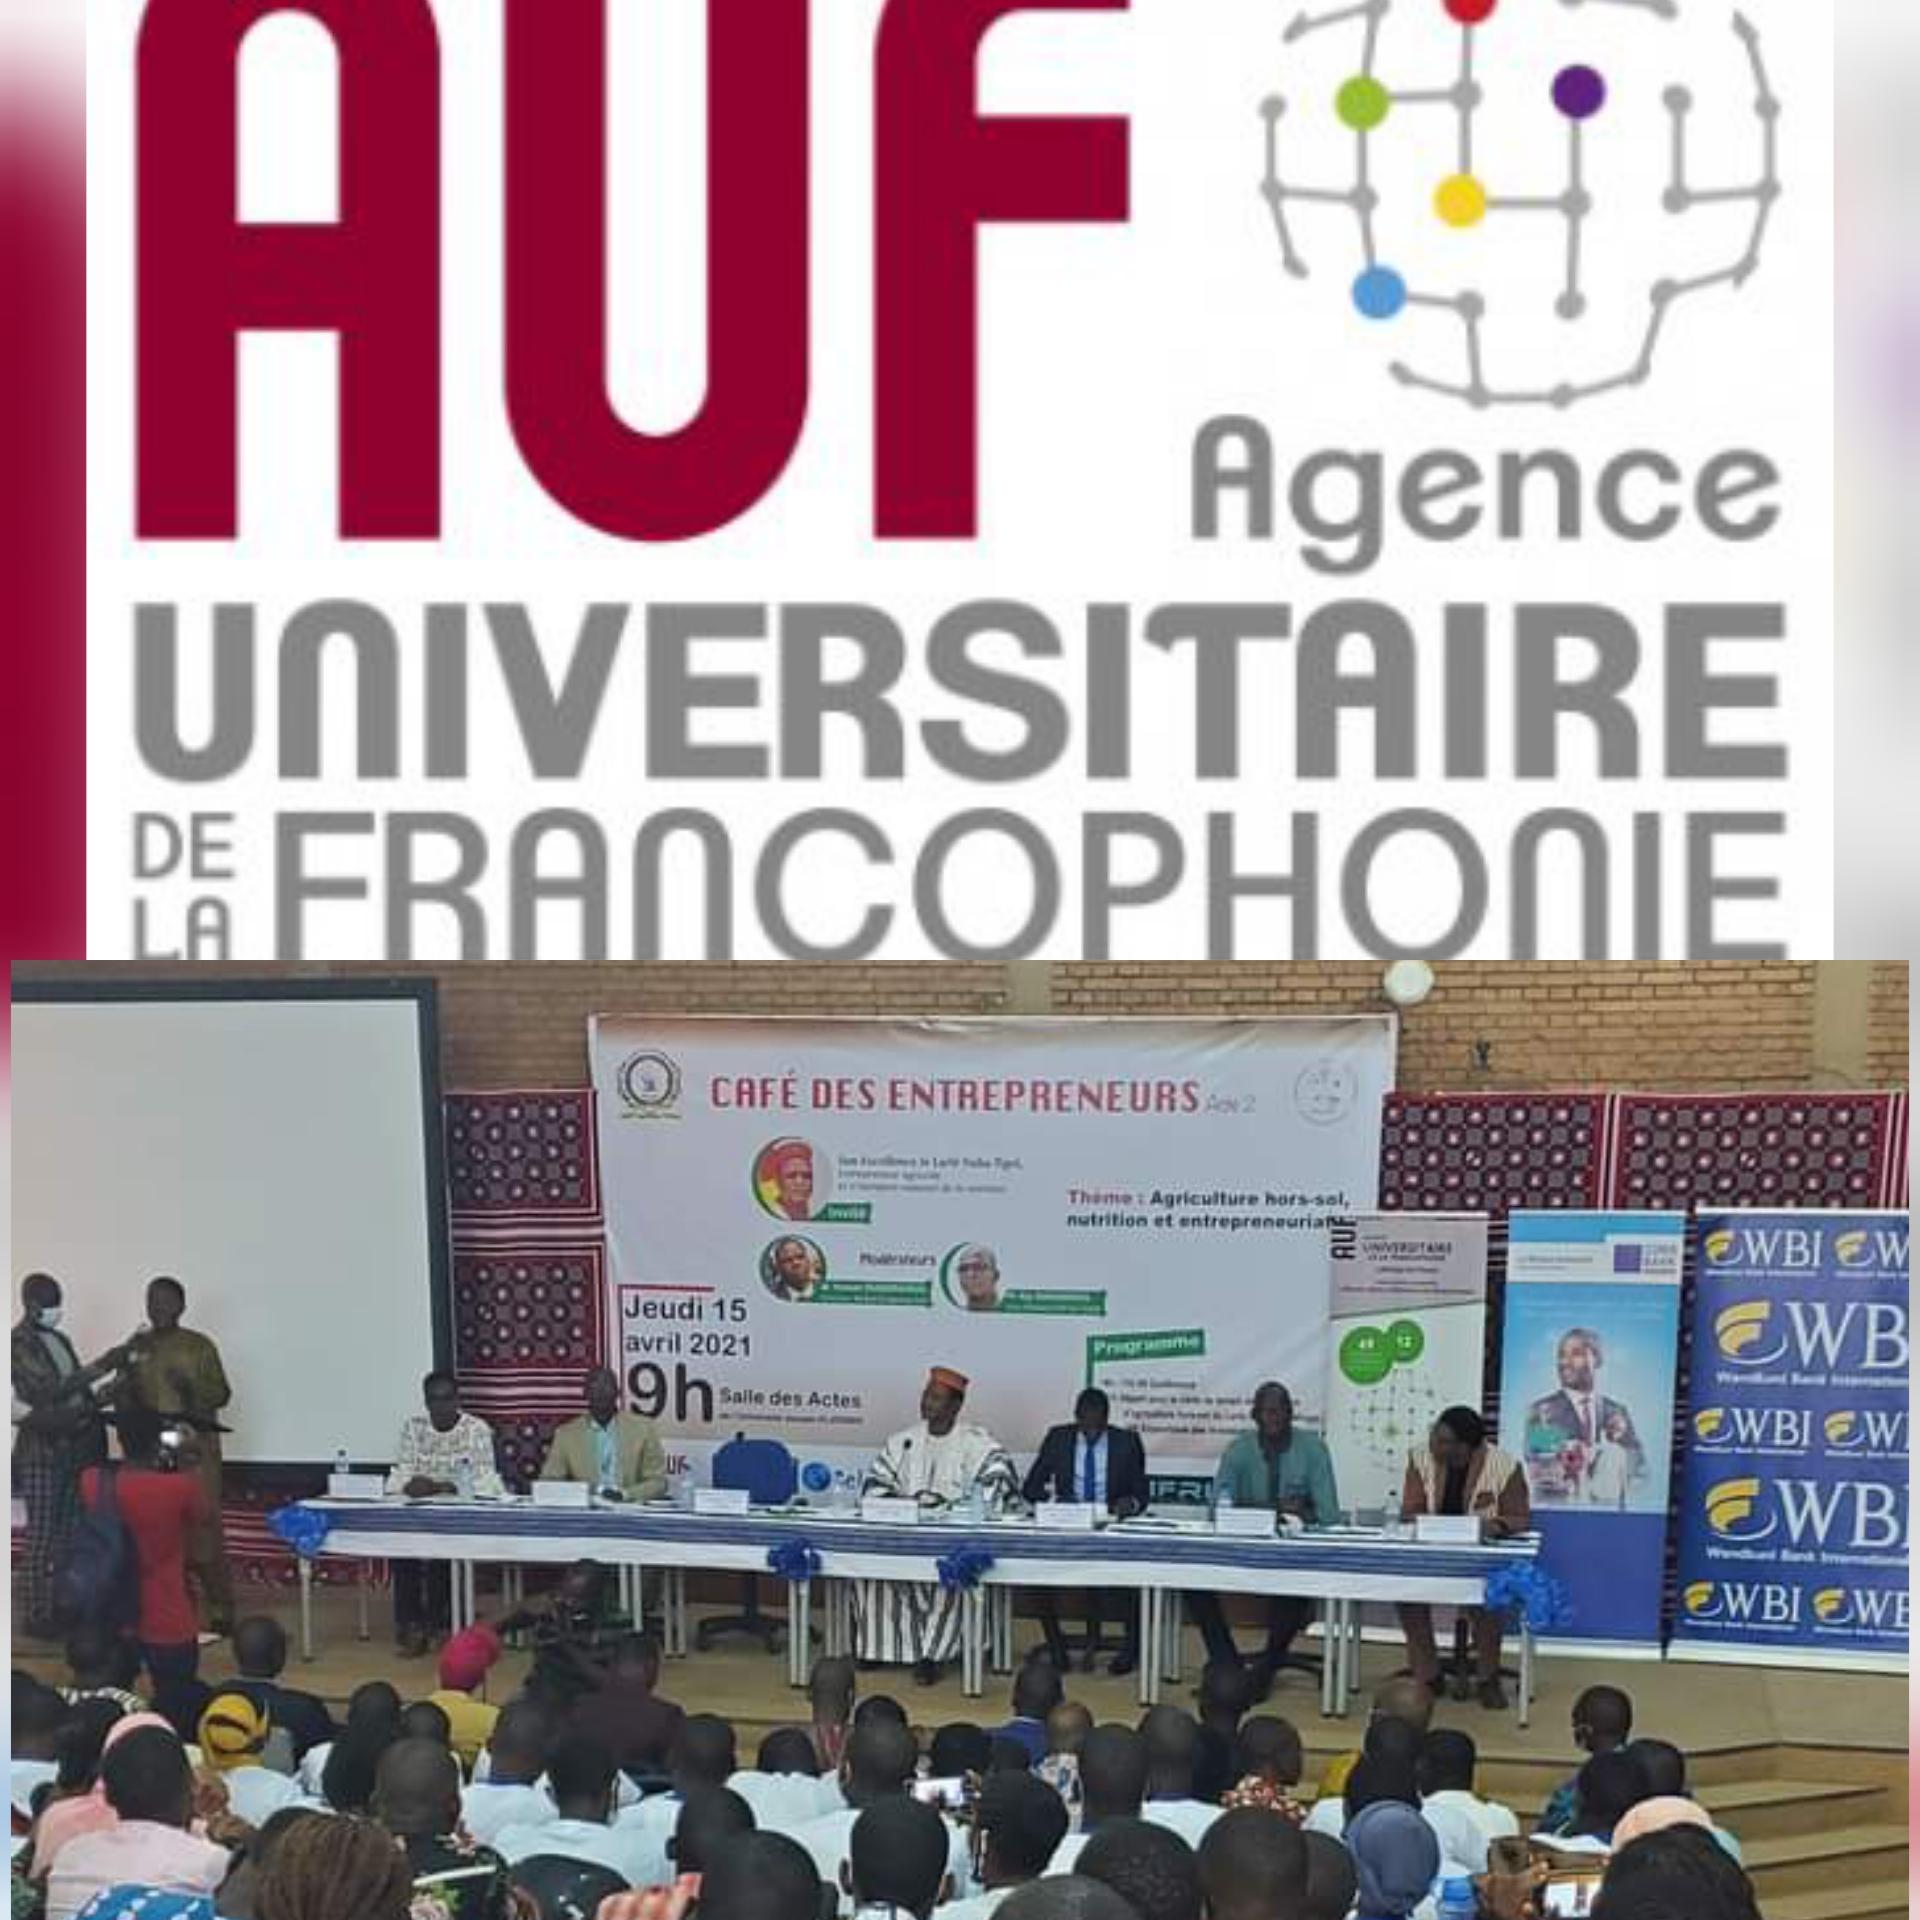 Café des entrepreneurs acte 2: l'AUF, un partenaire privilégié au service de l'entrepreneuriat estudiantin.